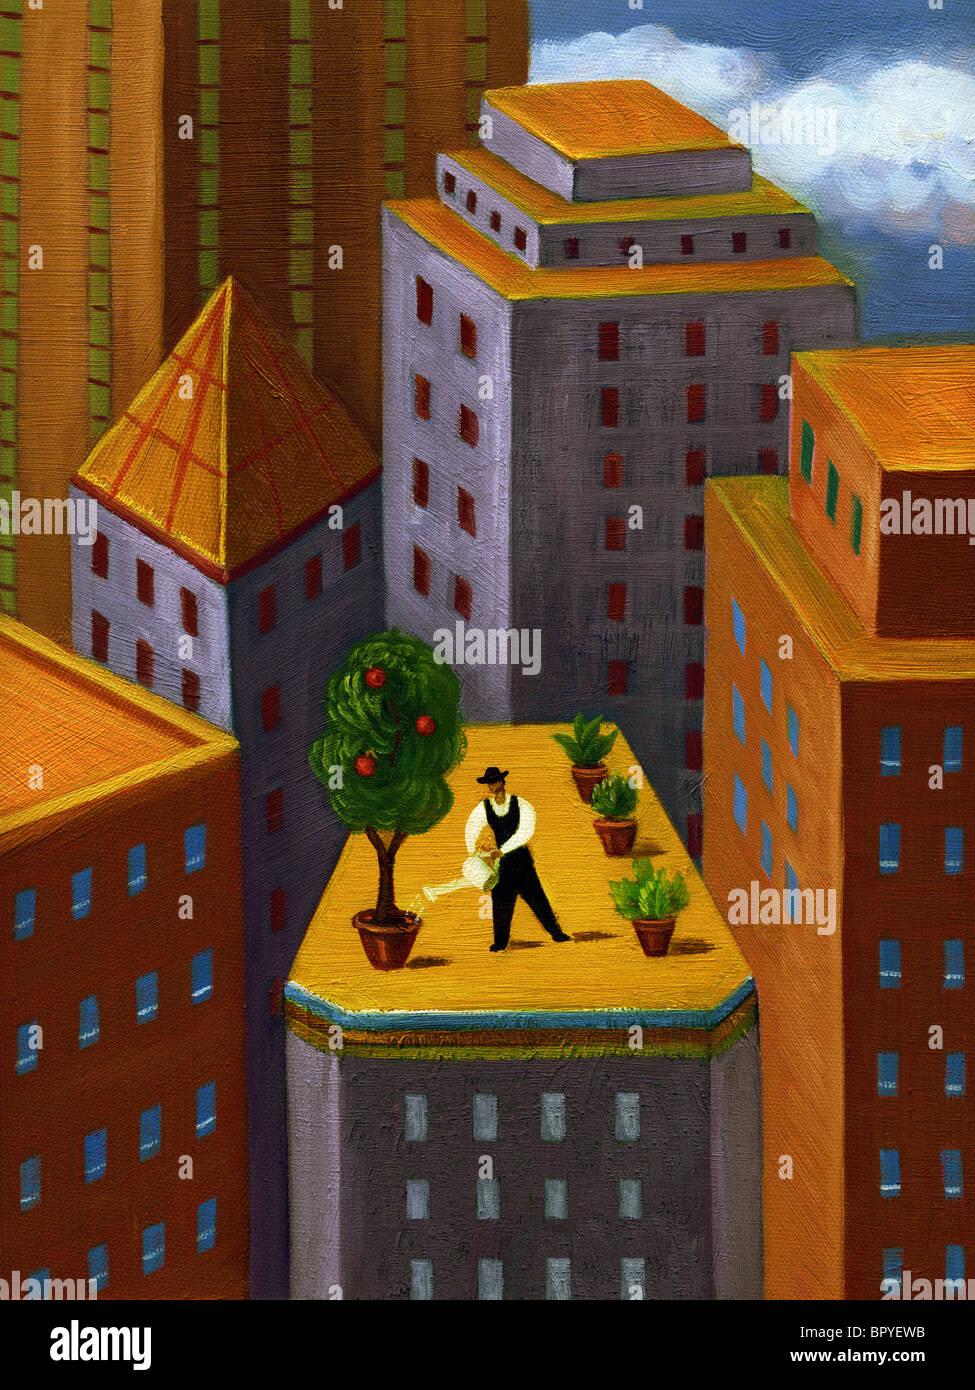 Un hombre regando un jardín en la parte superior de un edificio alto en la ciudad Imagen De Stock